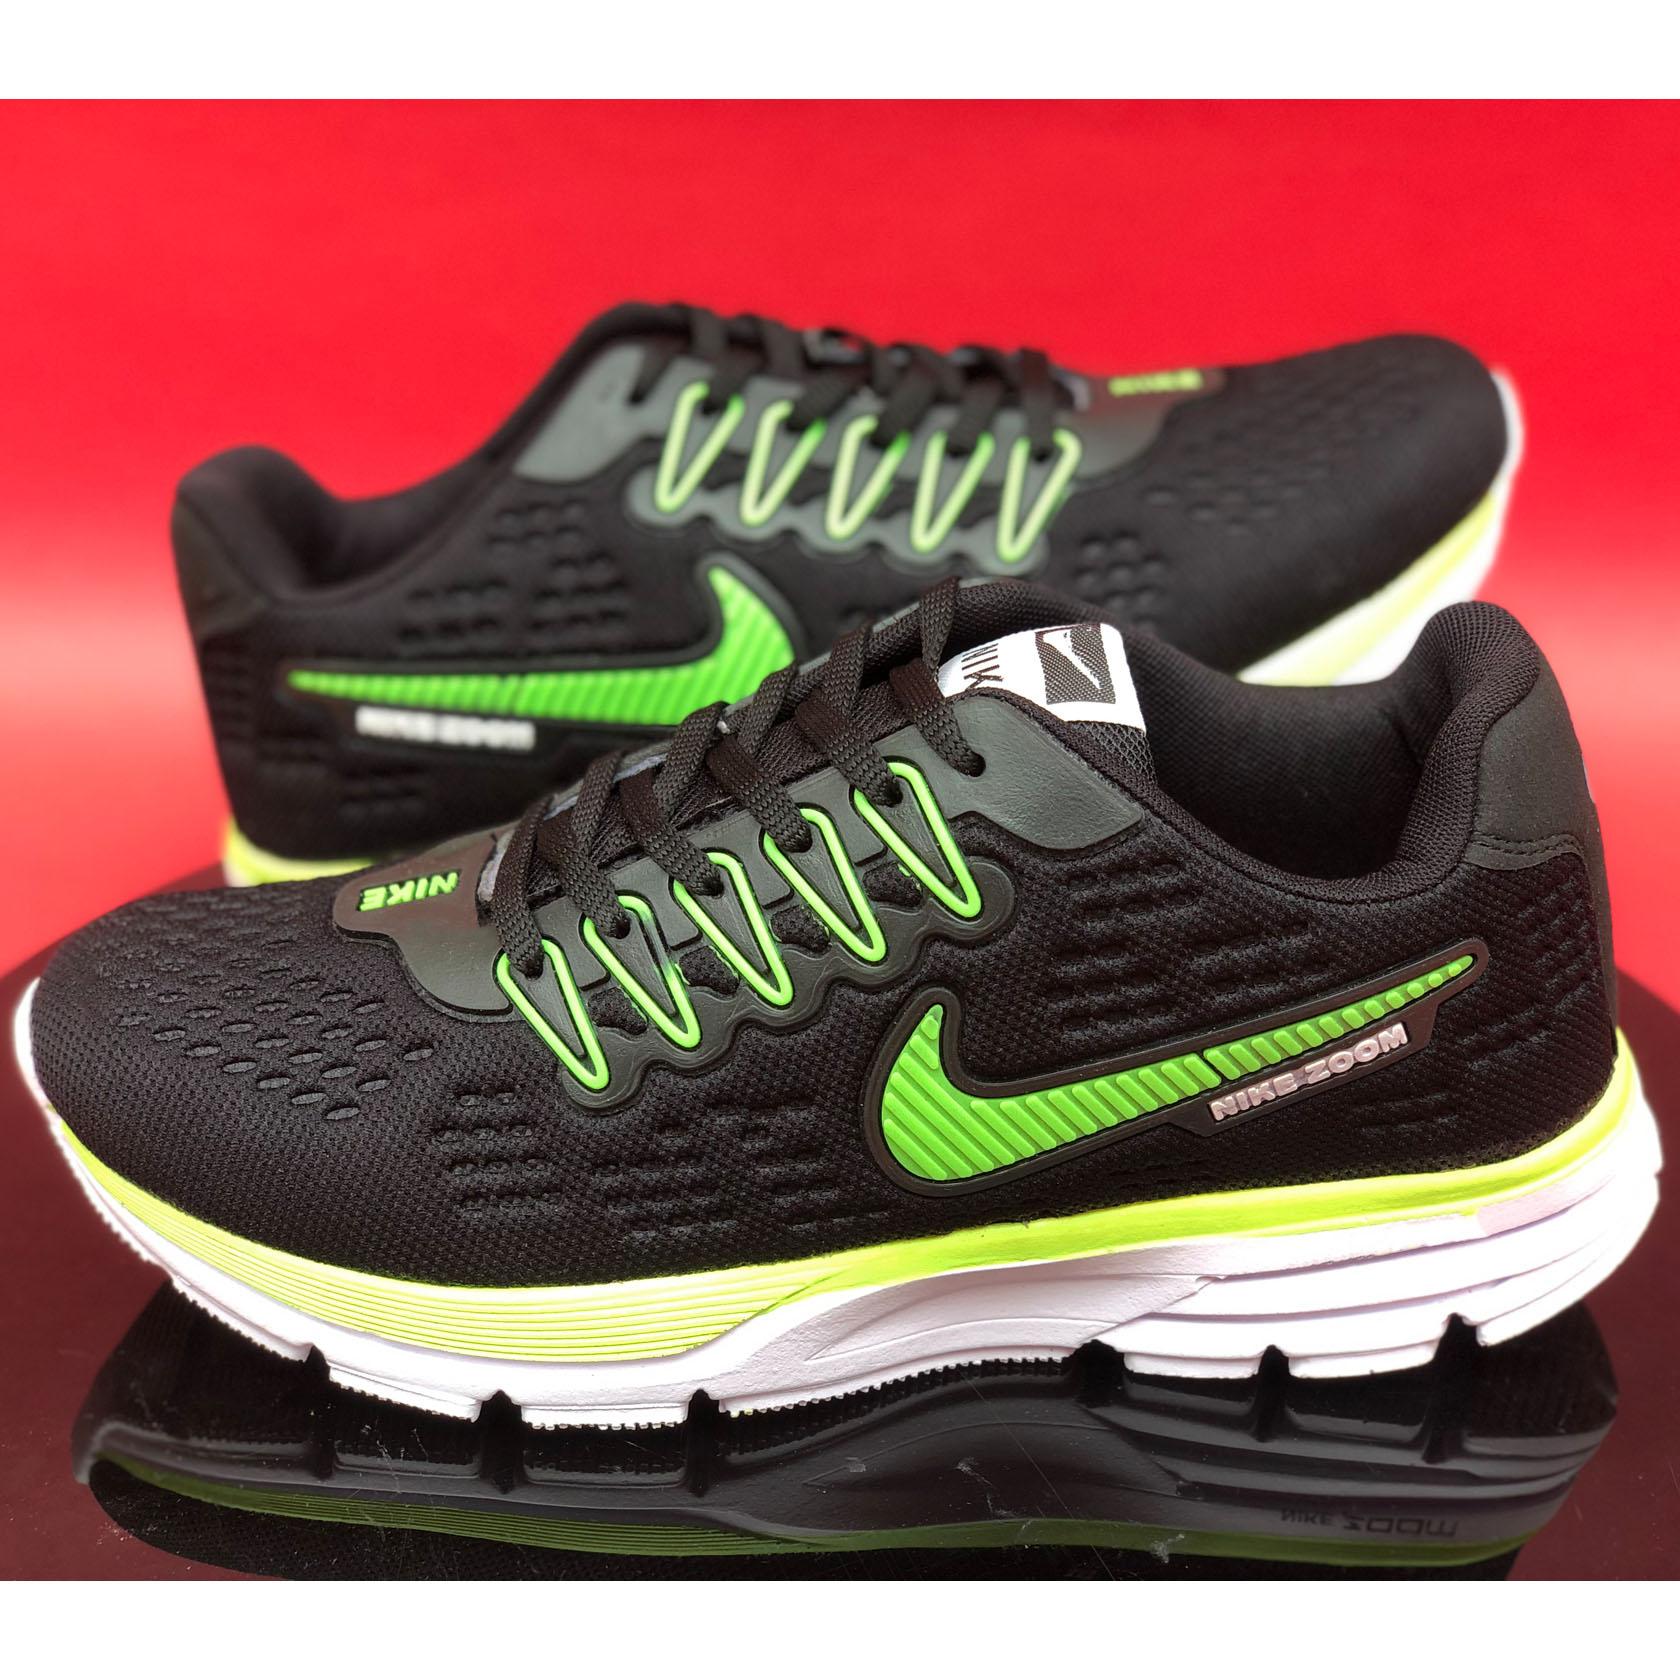 خرید                                     کفش پیاده روی مردانه مدل ar 703                     غیر اصل